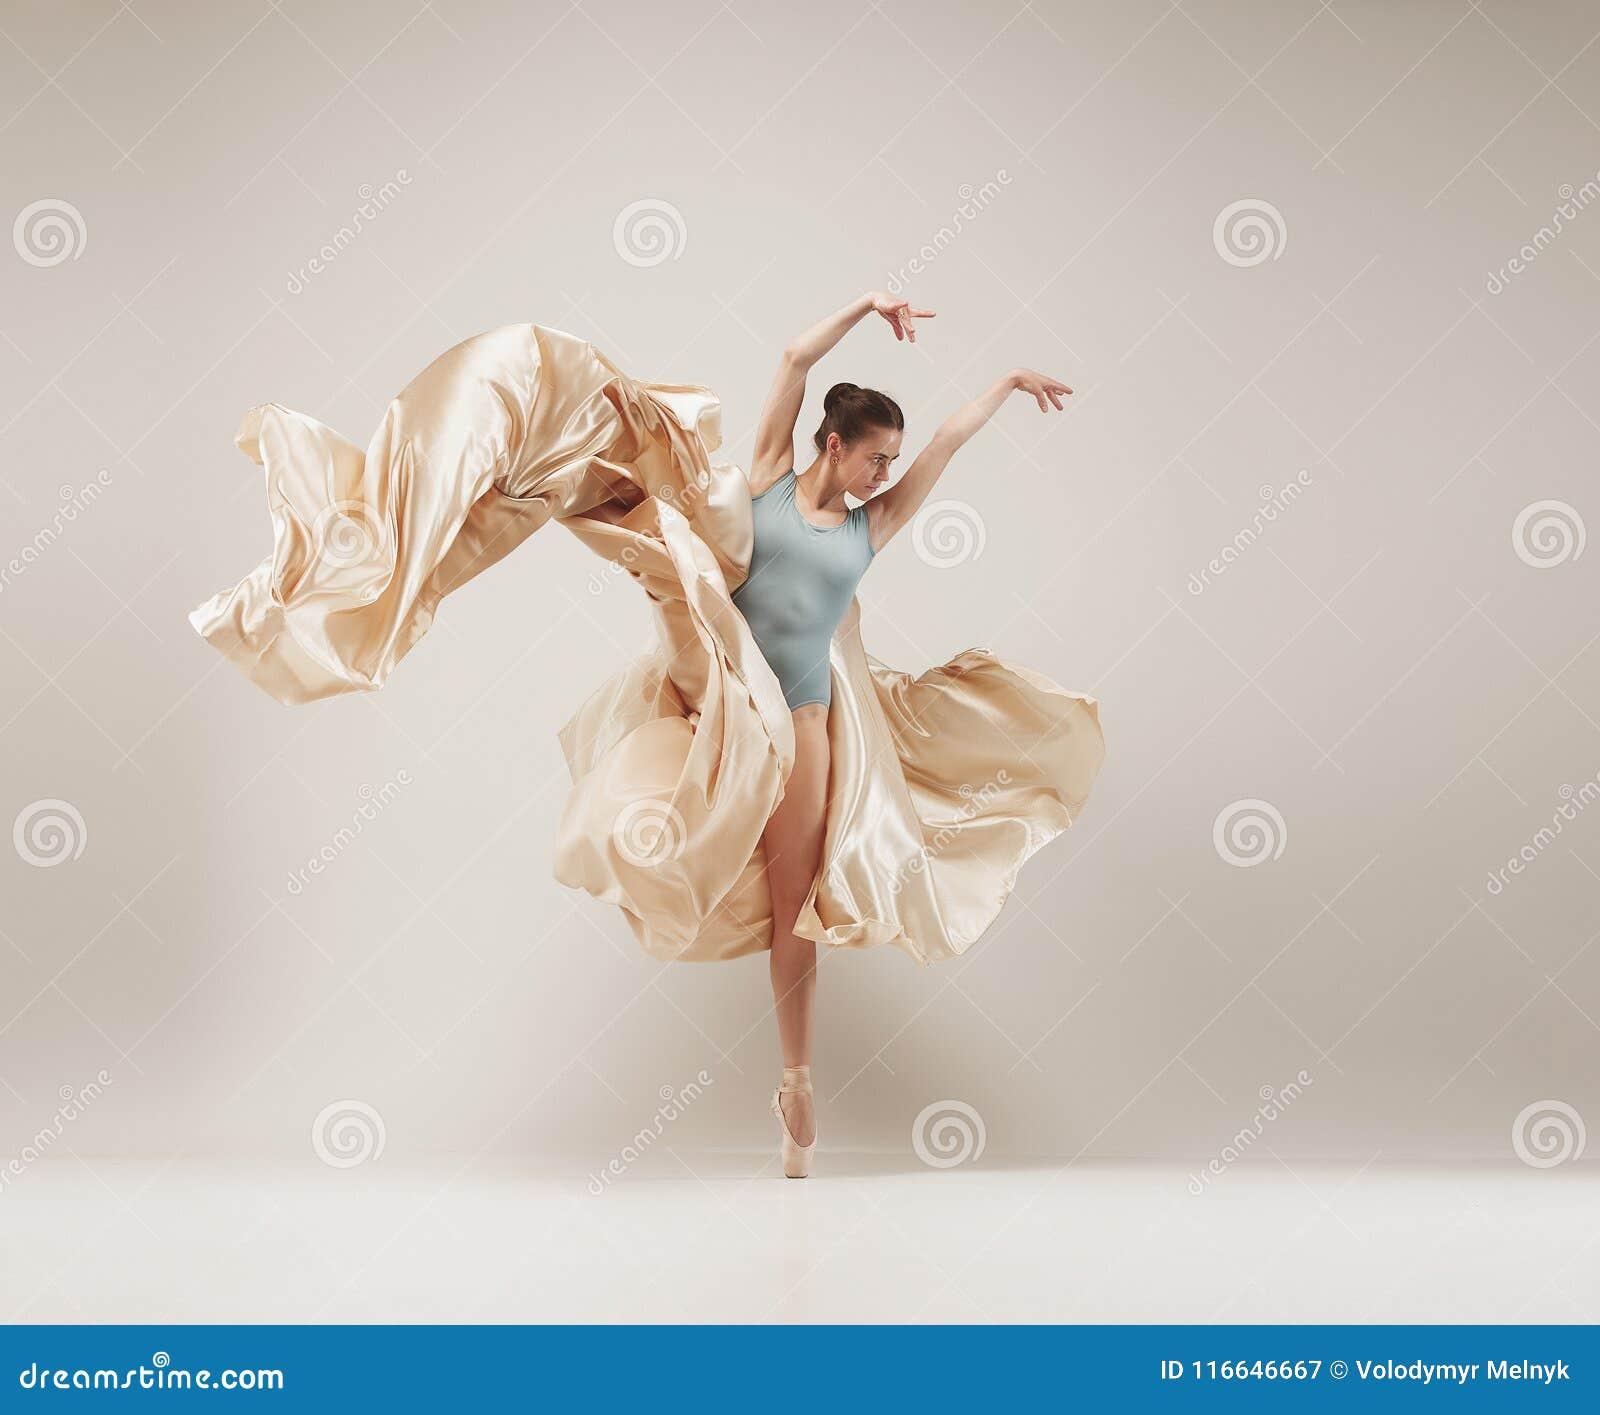 Dança do dançarino de bailado moderno no corpo completo no fundo branco do estúdio